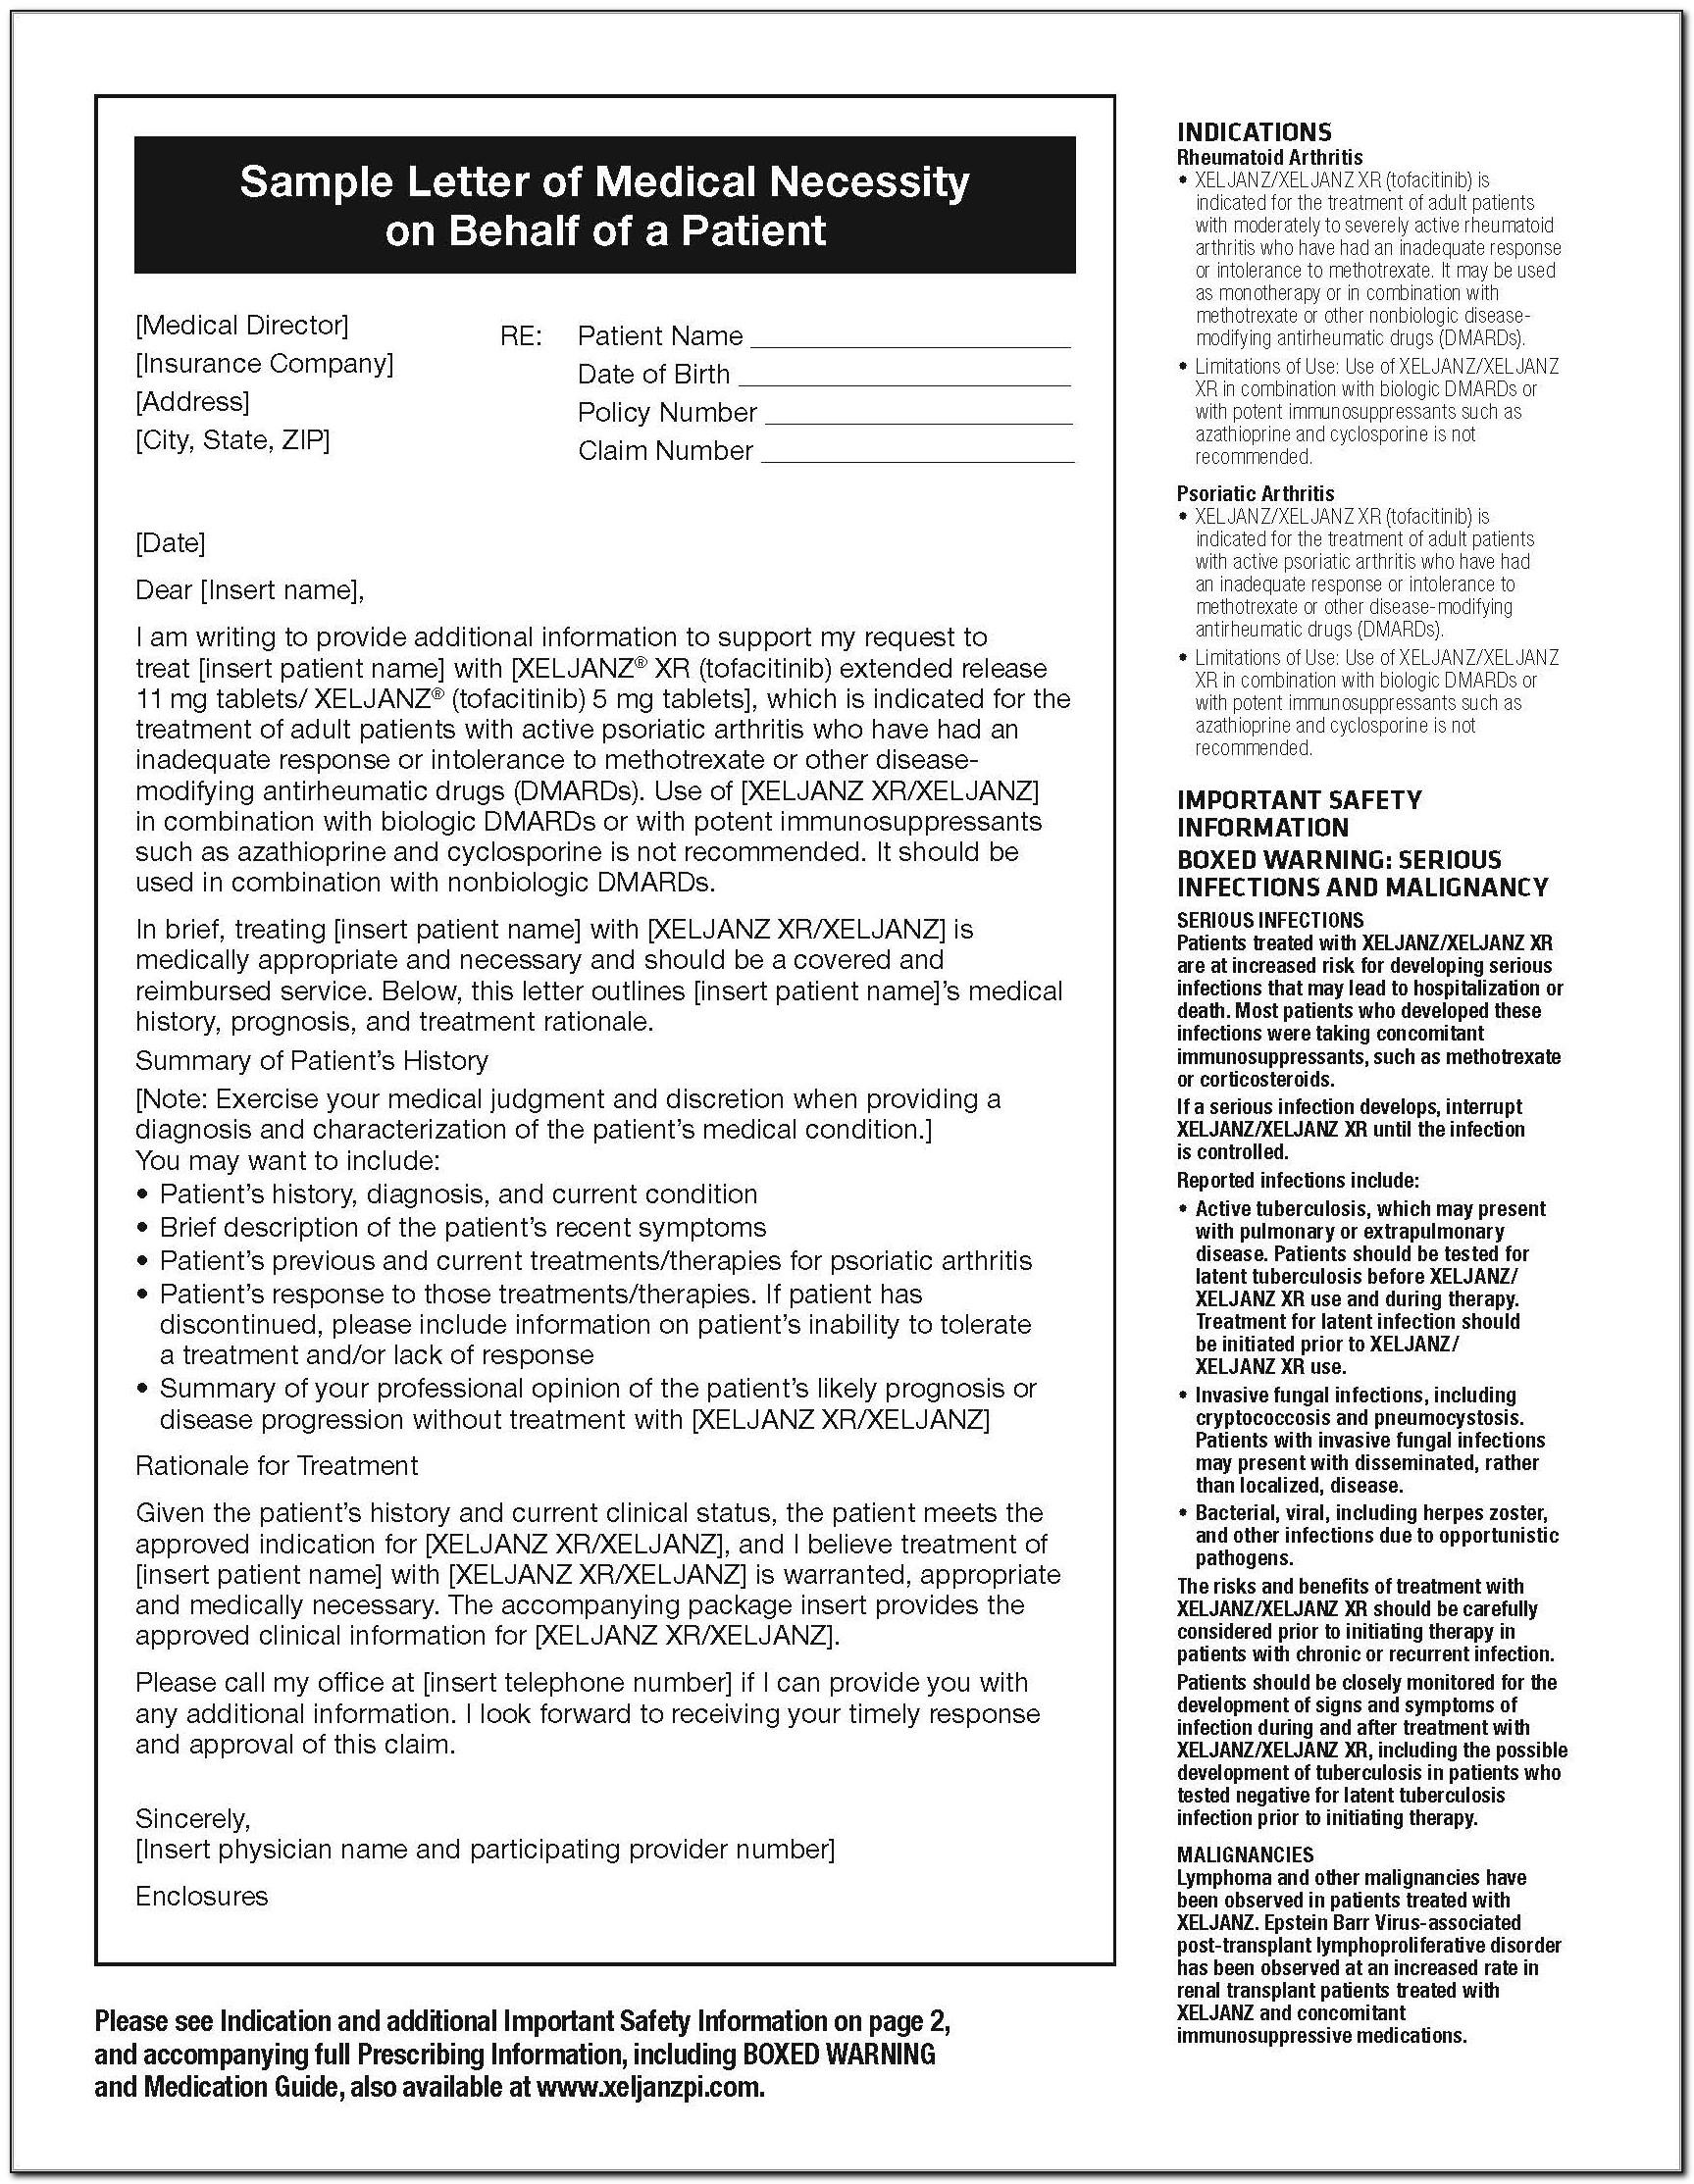 Xelsource Patient Assistance Application